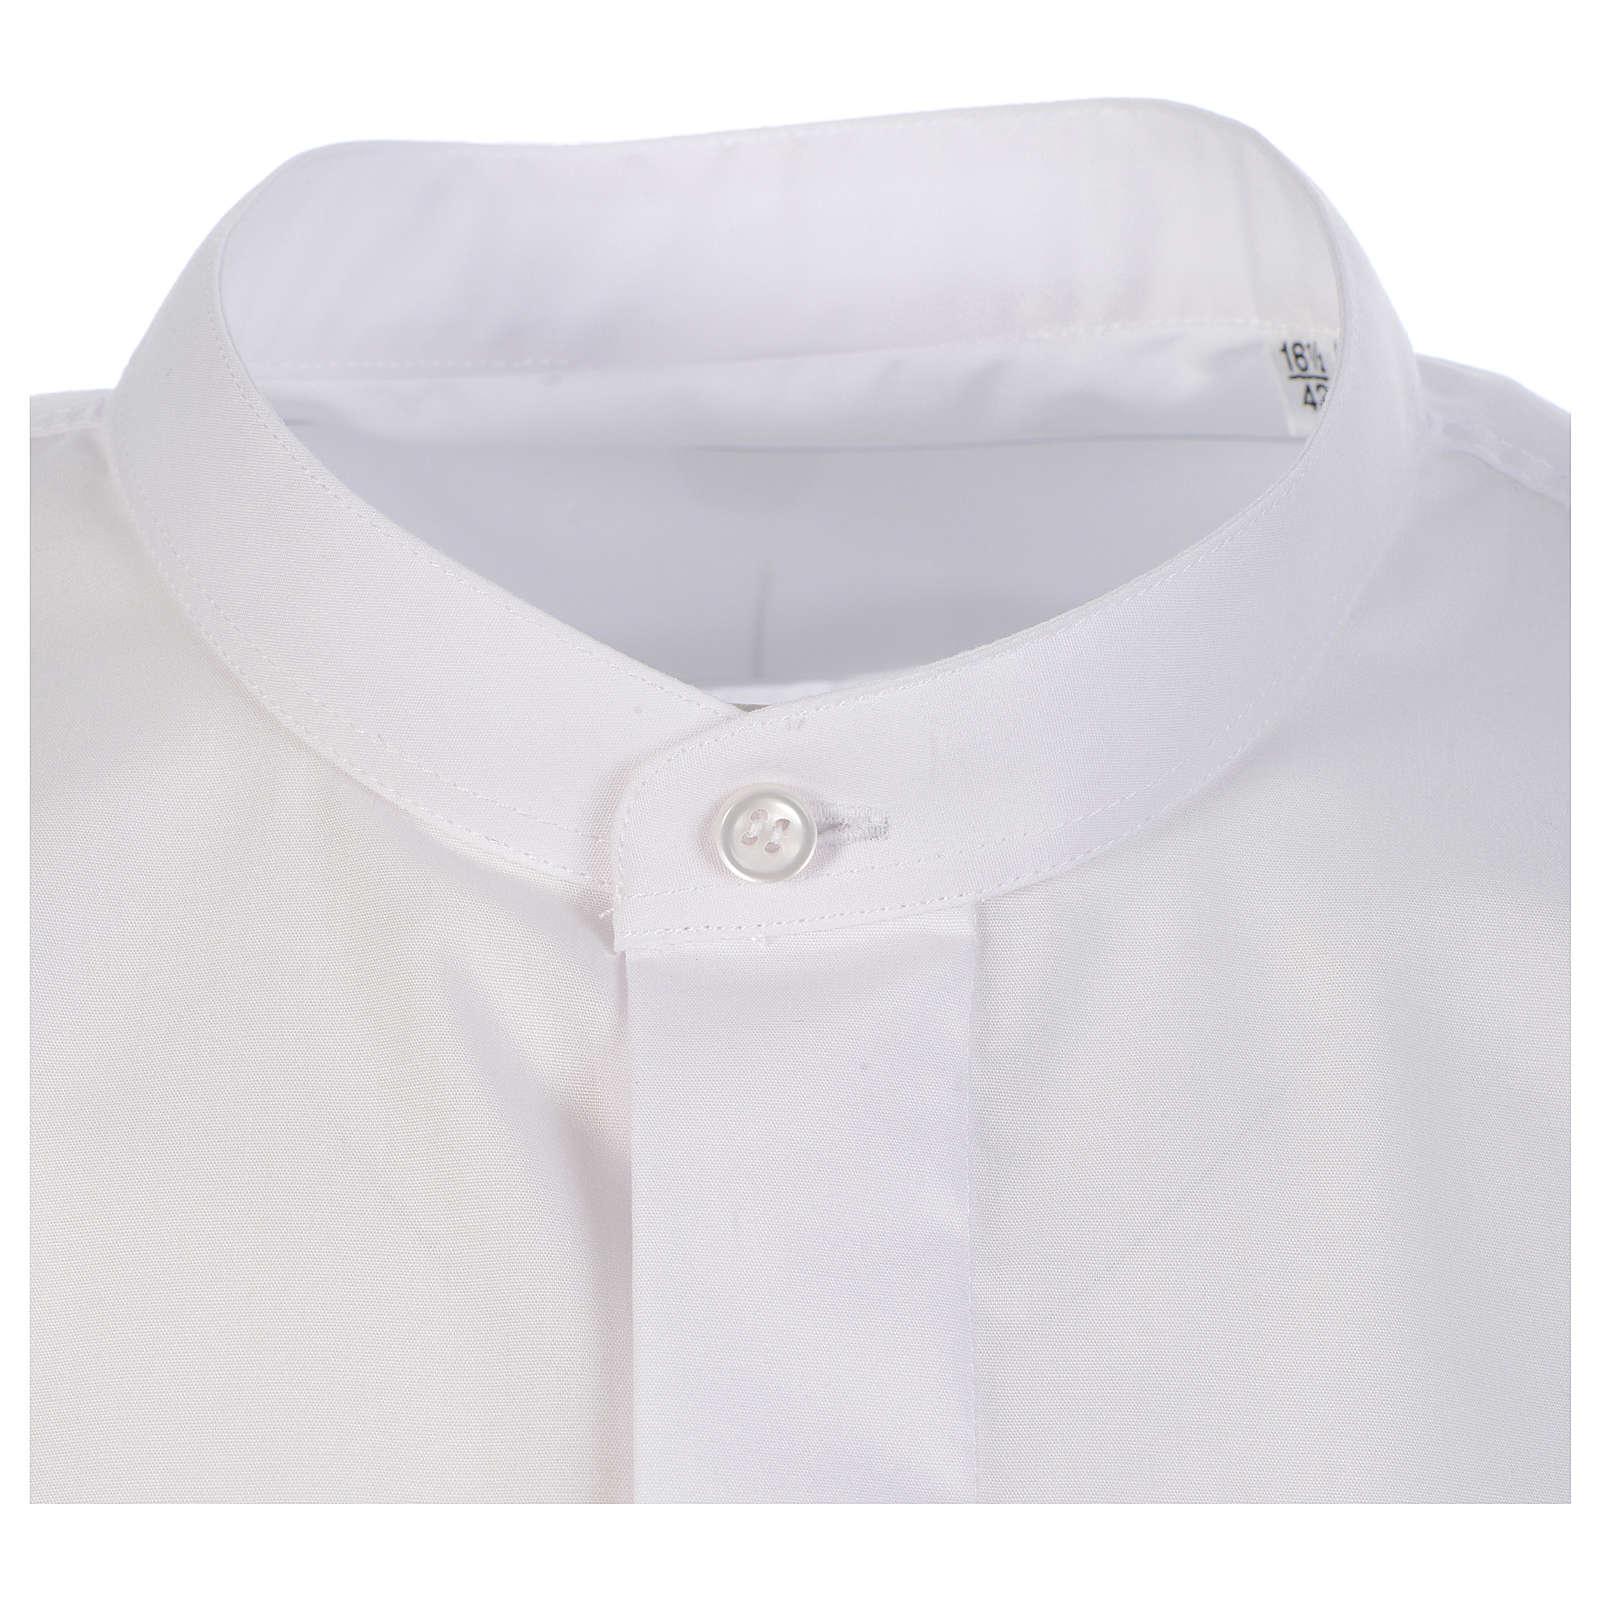 Collarhemd geeignet um unter dem Talar getragen zu werden mit verdecktem Kragen Langarm 4